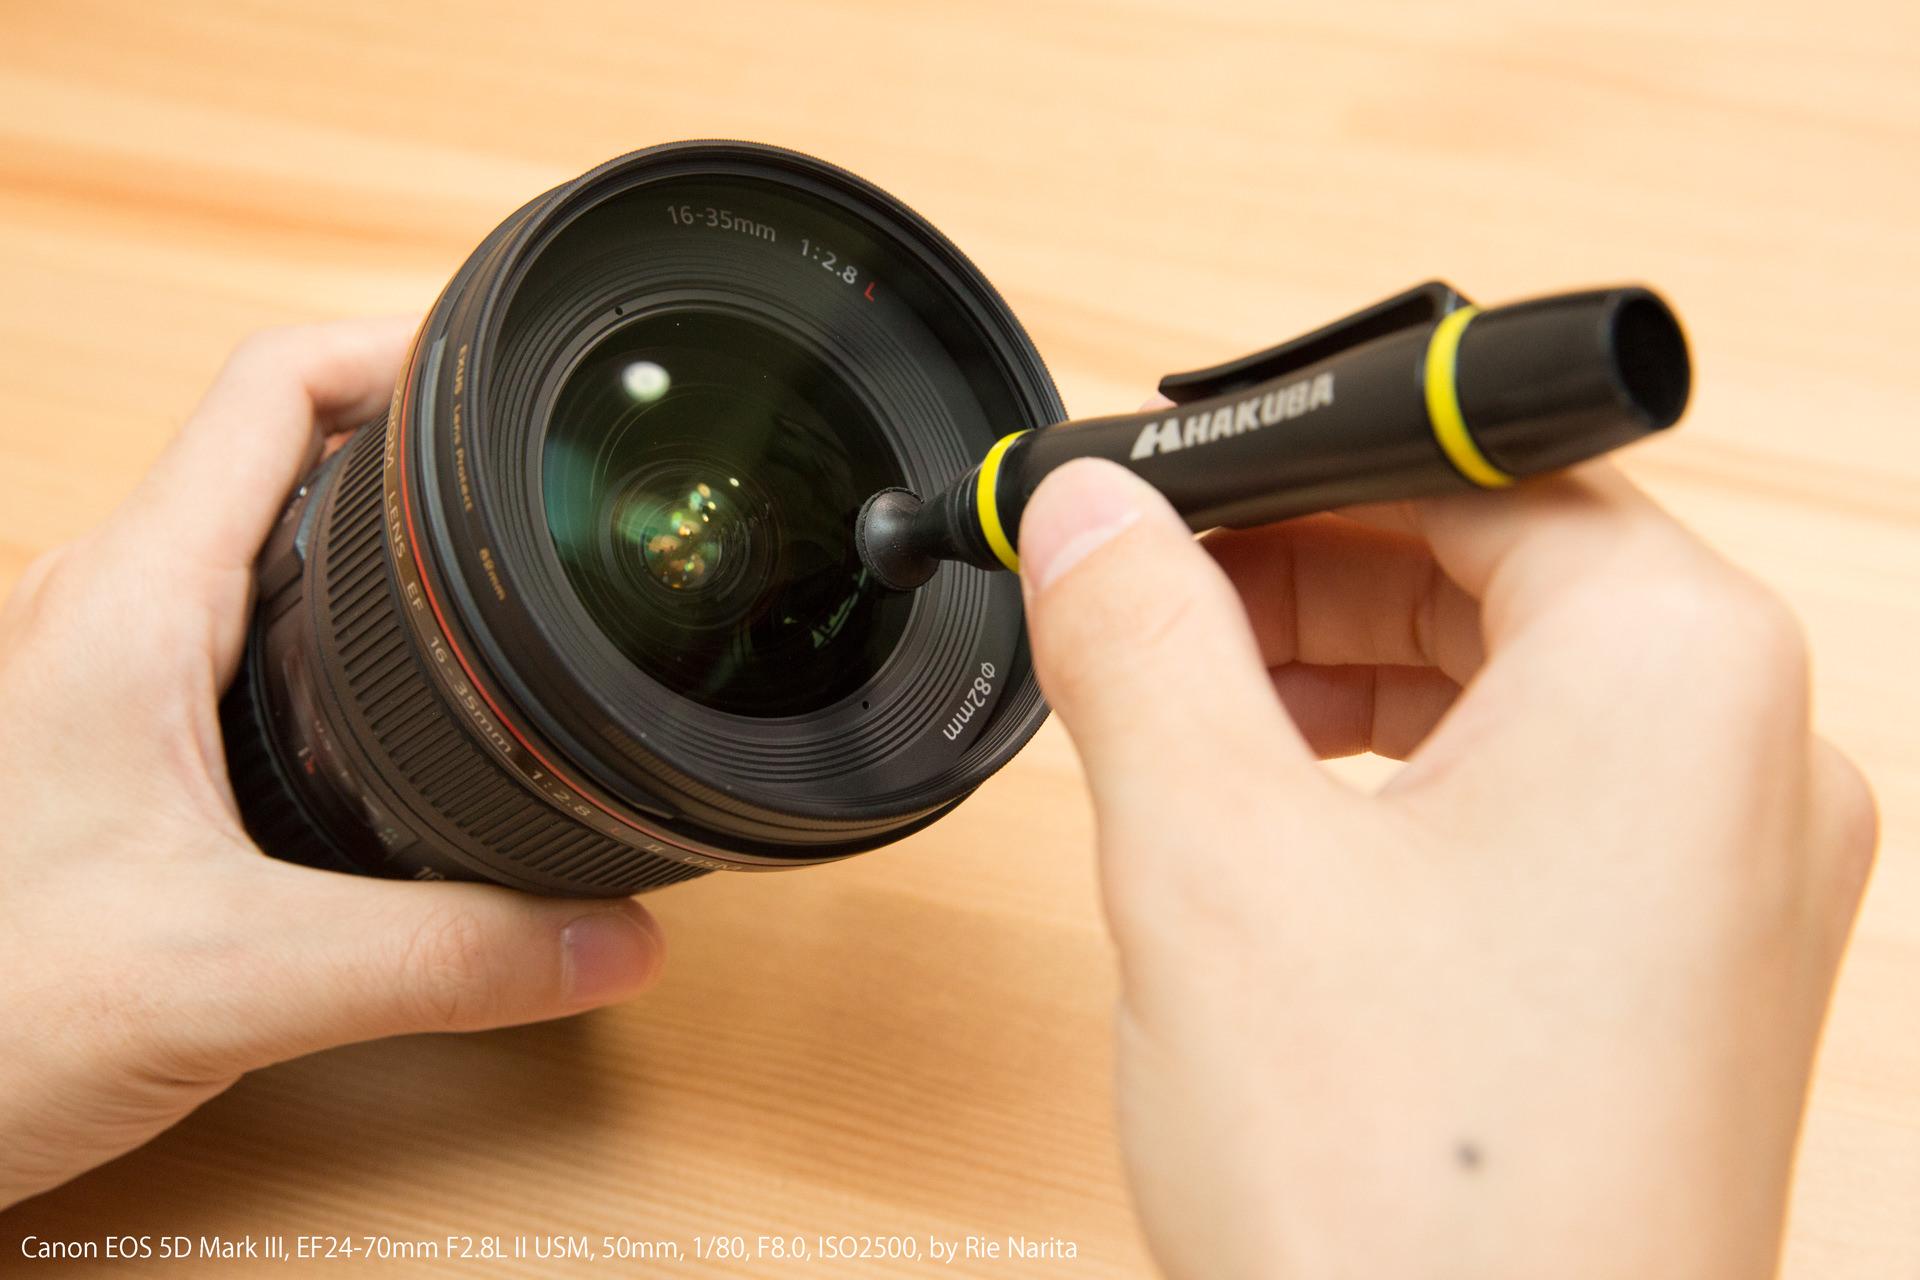 レンズ表面についた指紋をレンズペンで拭き取っているところ